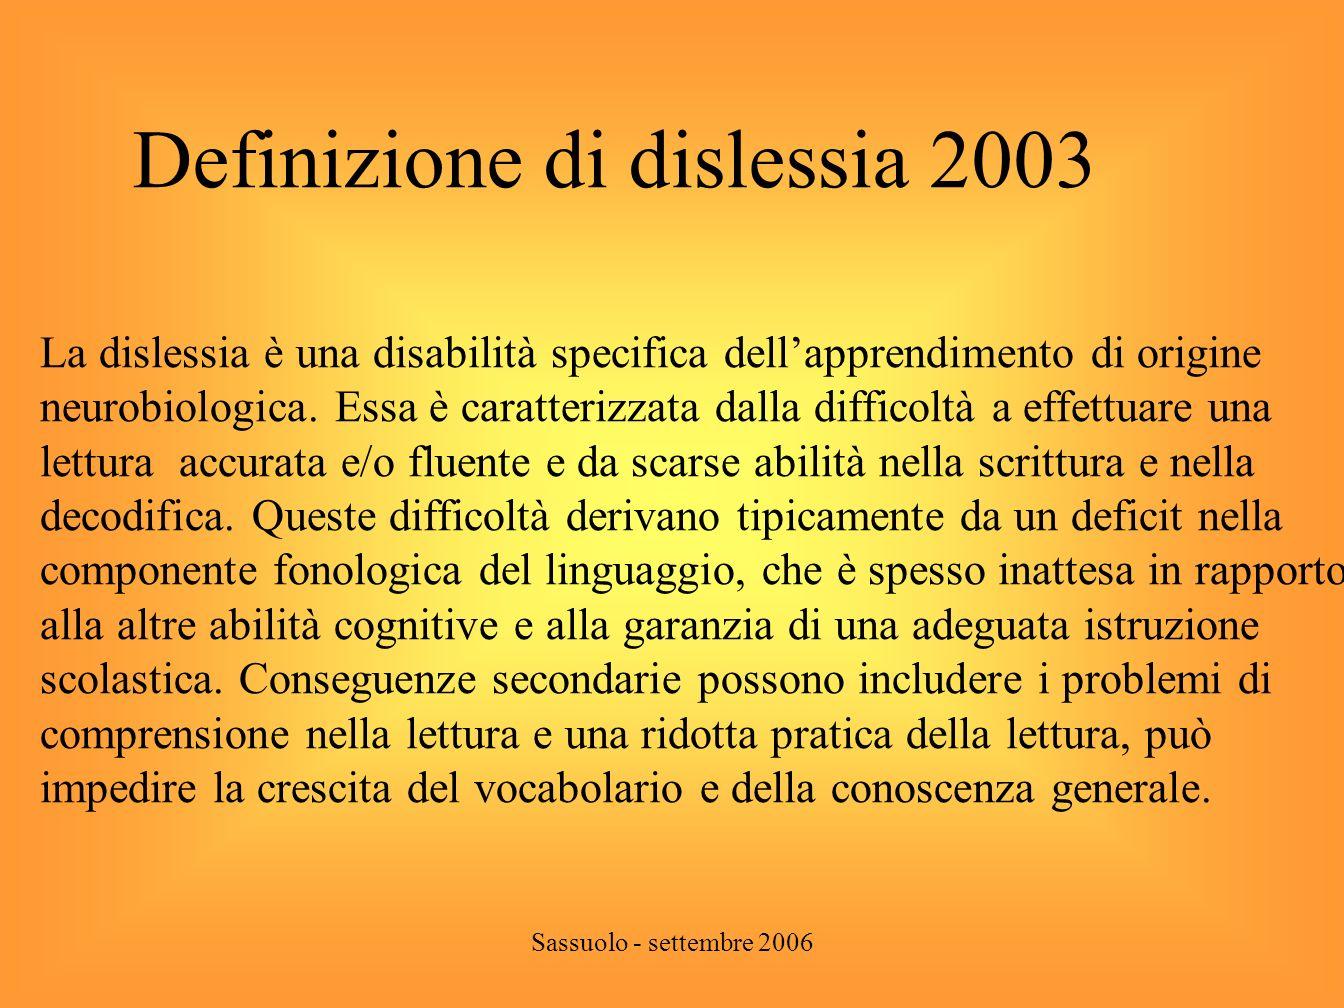 Definizione di dislessia 2003